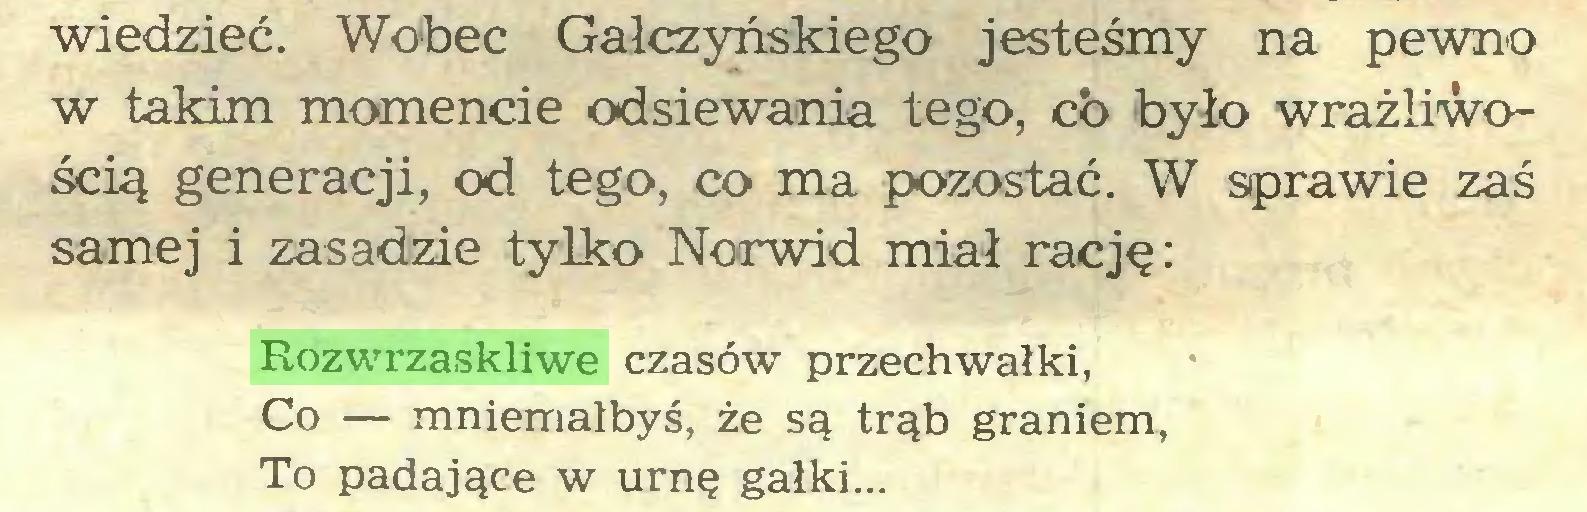 (...) wiedzieć. Wobec Gałczyńskiego jesteśmy na pewno w takim momencie odsiewania tego, co było wrażliwością generacji, od tego, co ma pozostać. W sprawie zaś samej i zasadzie tylko Norwid miał rację: Rozwrzaskliwe czasów przechwałki, Co — mniemałbyś, że są trąb graniem, To padające w urnę gałki...